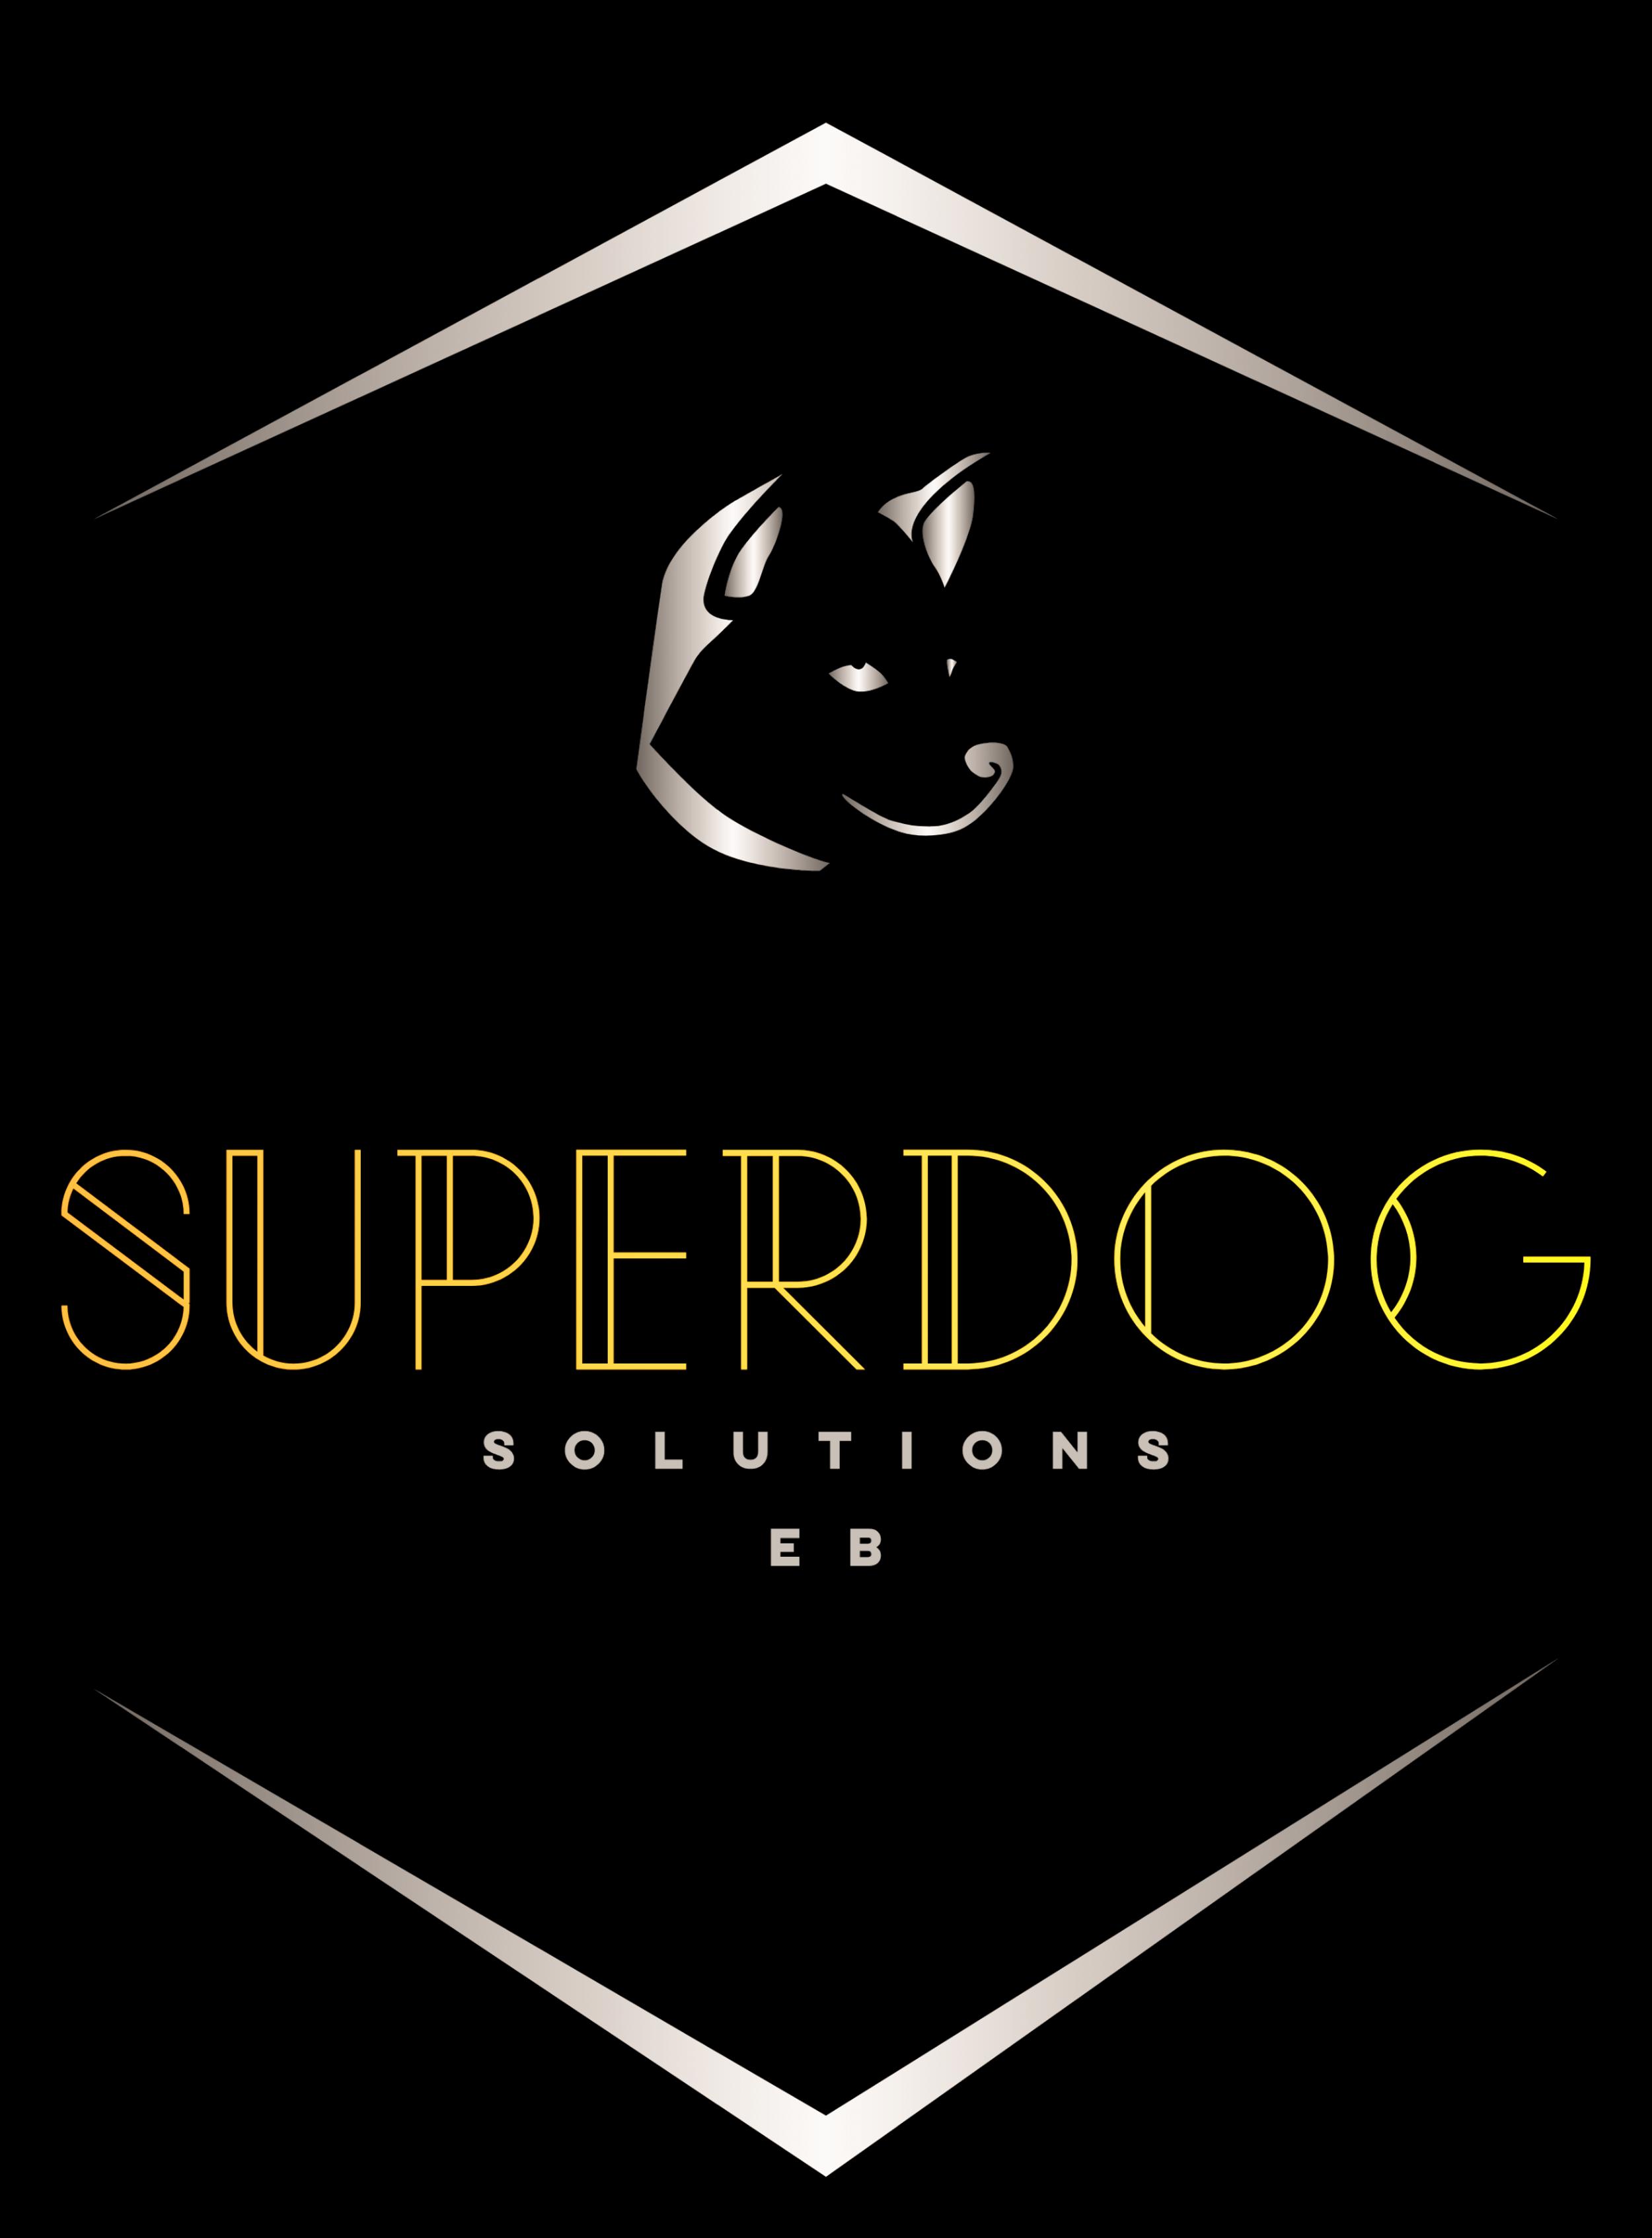 (c) Superdog.net